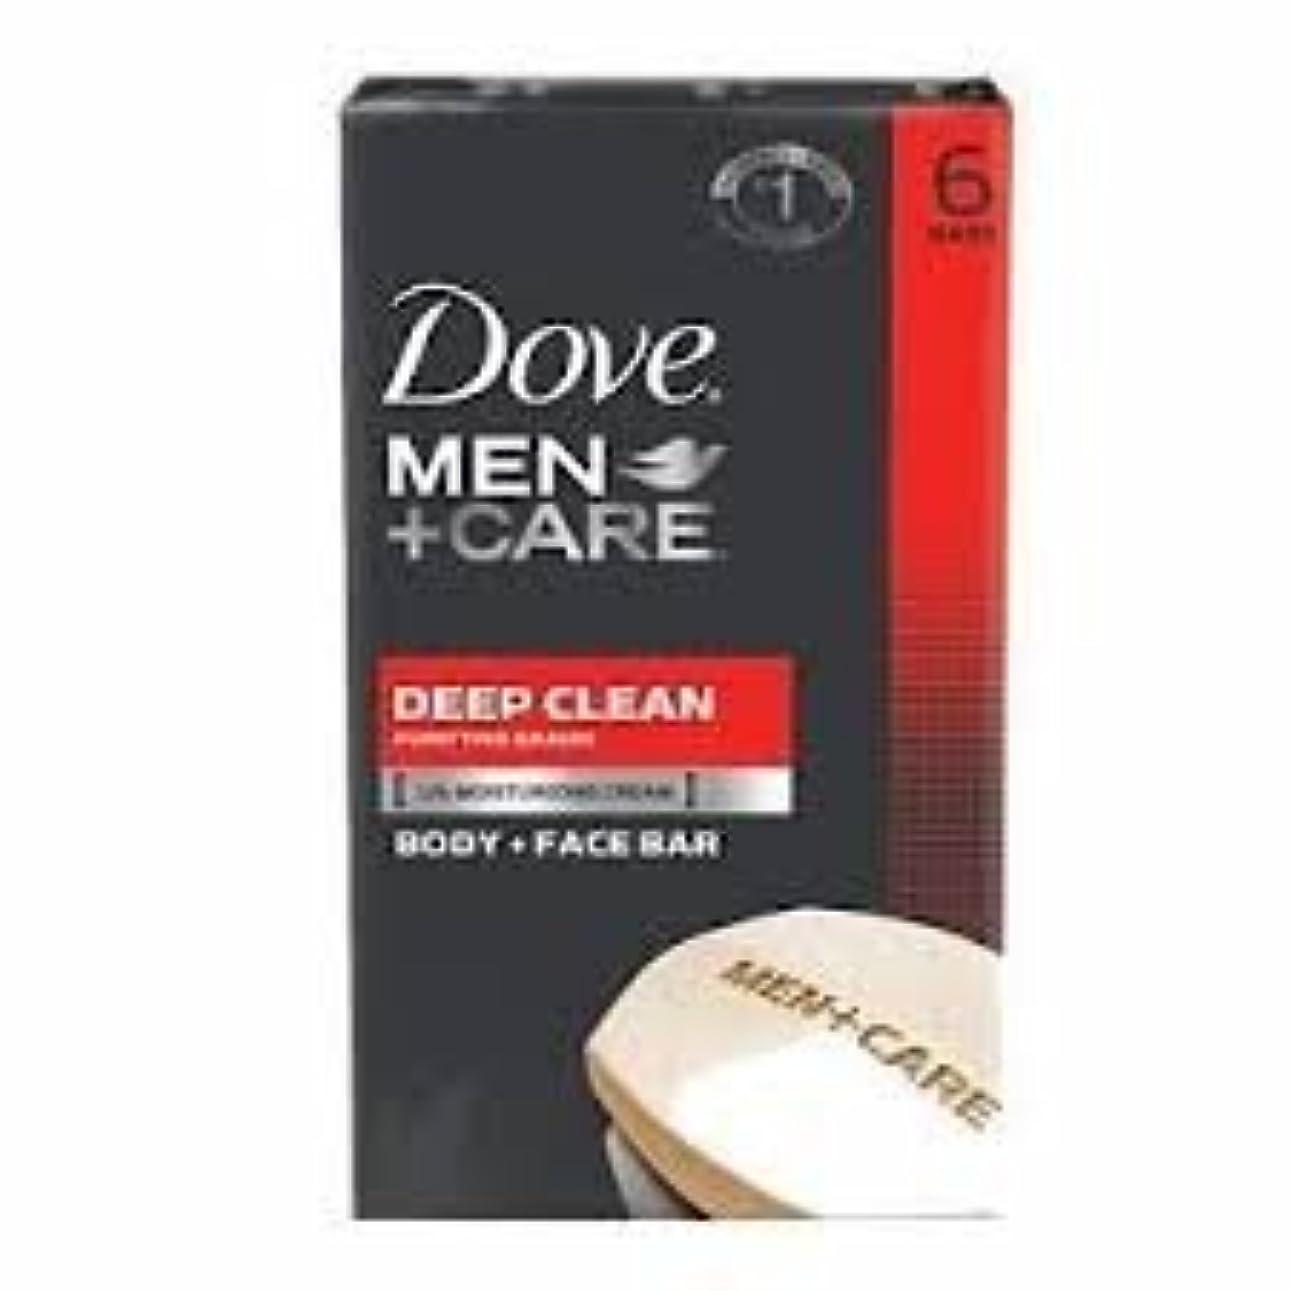 経過眠っている検証Dove Men + Care Body and Face Bar, Deep Clean 4oz x 6Bars ダブ メン プラスケア ディープ クリーン ソープ 4oz x 6個